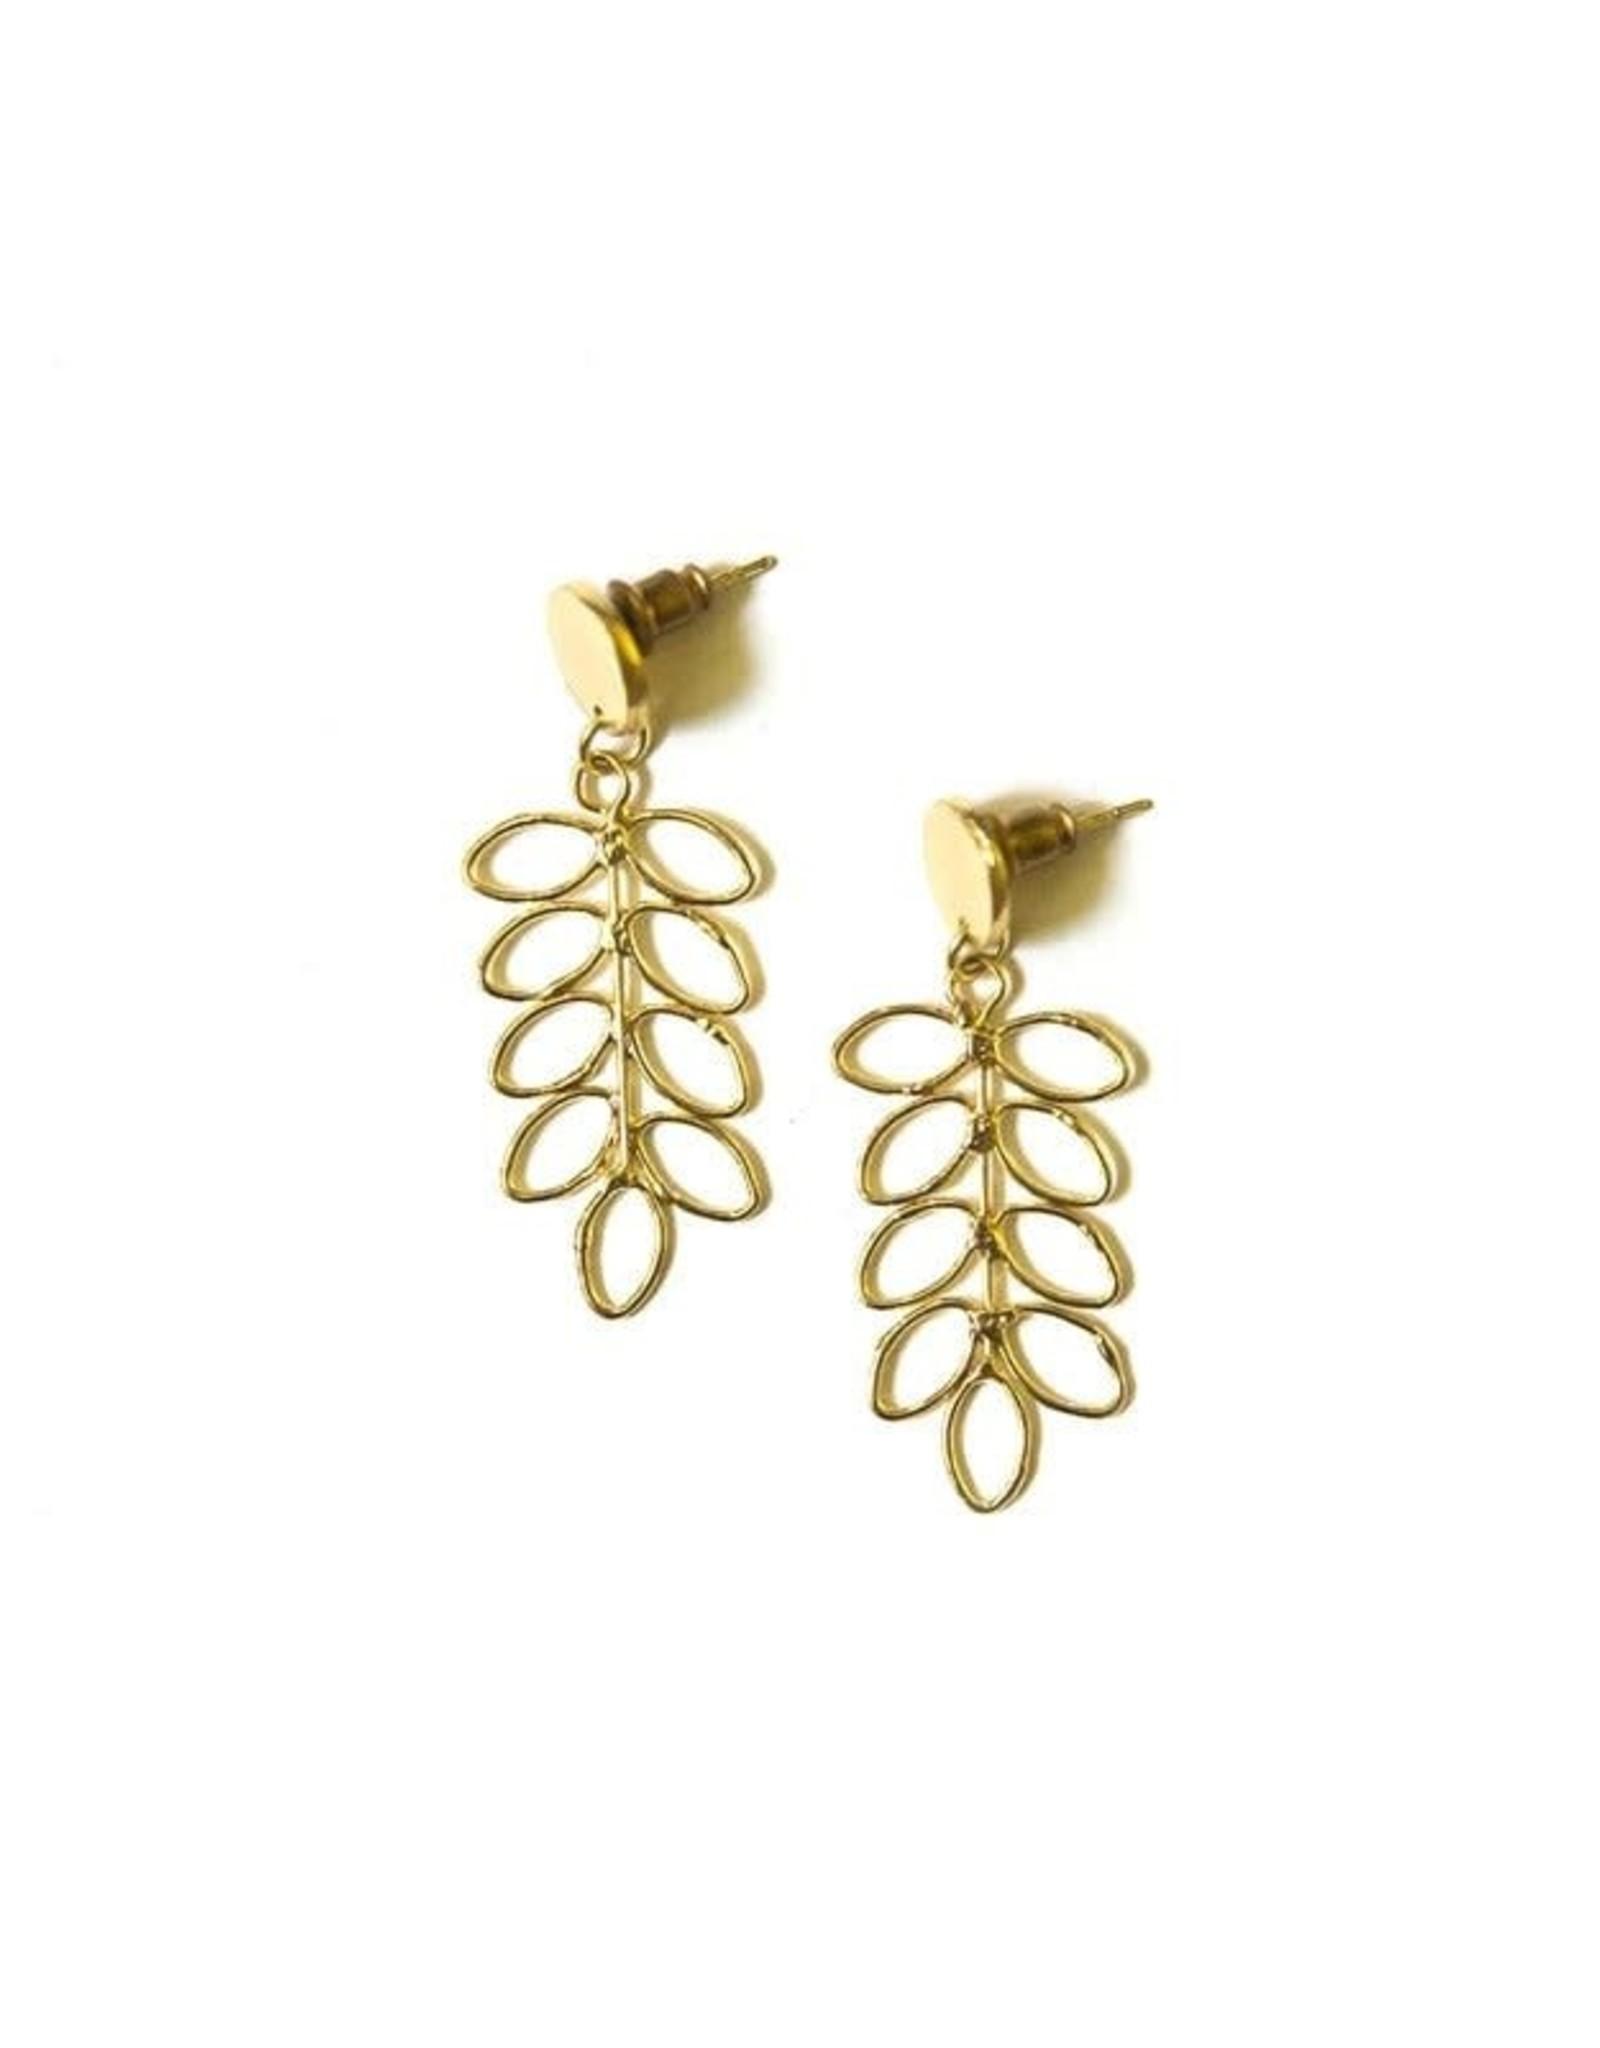 Fern Stud Earrings Brass, India